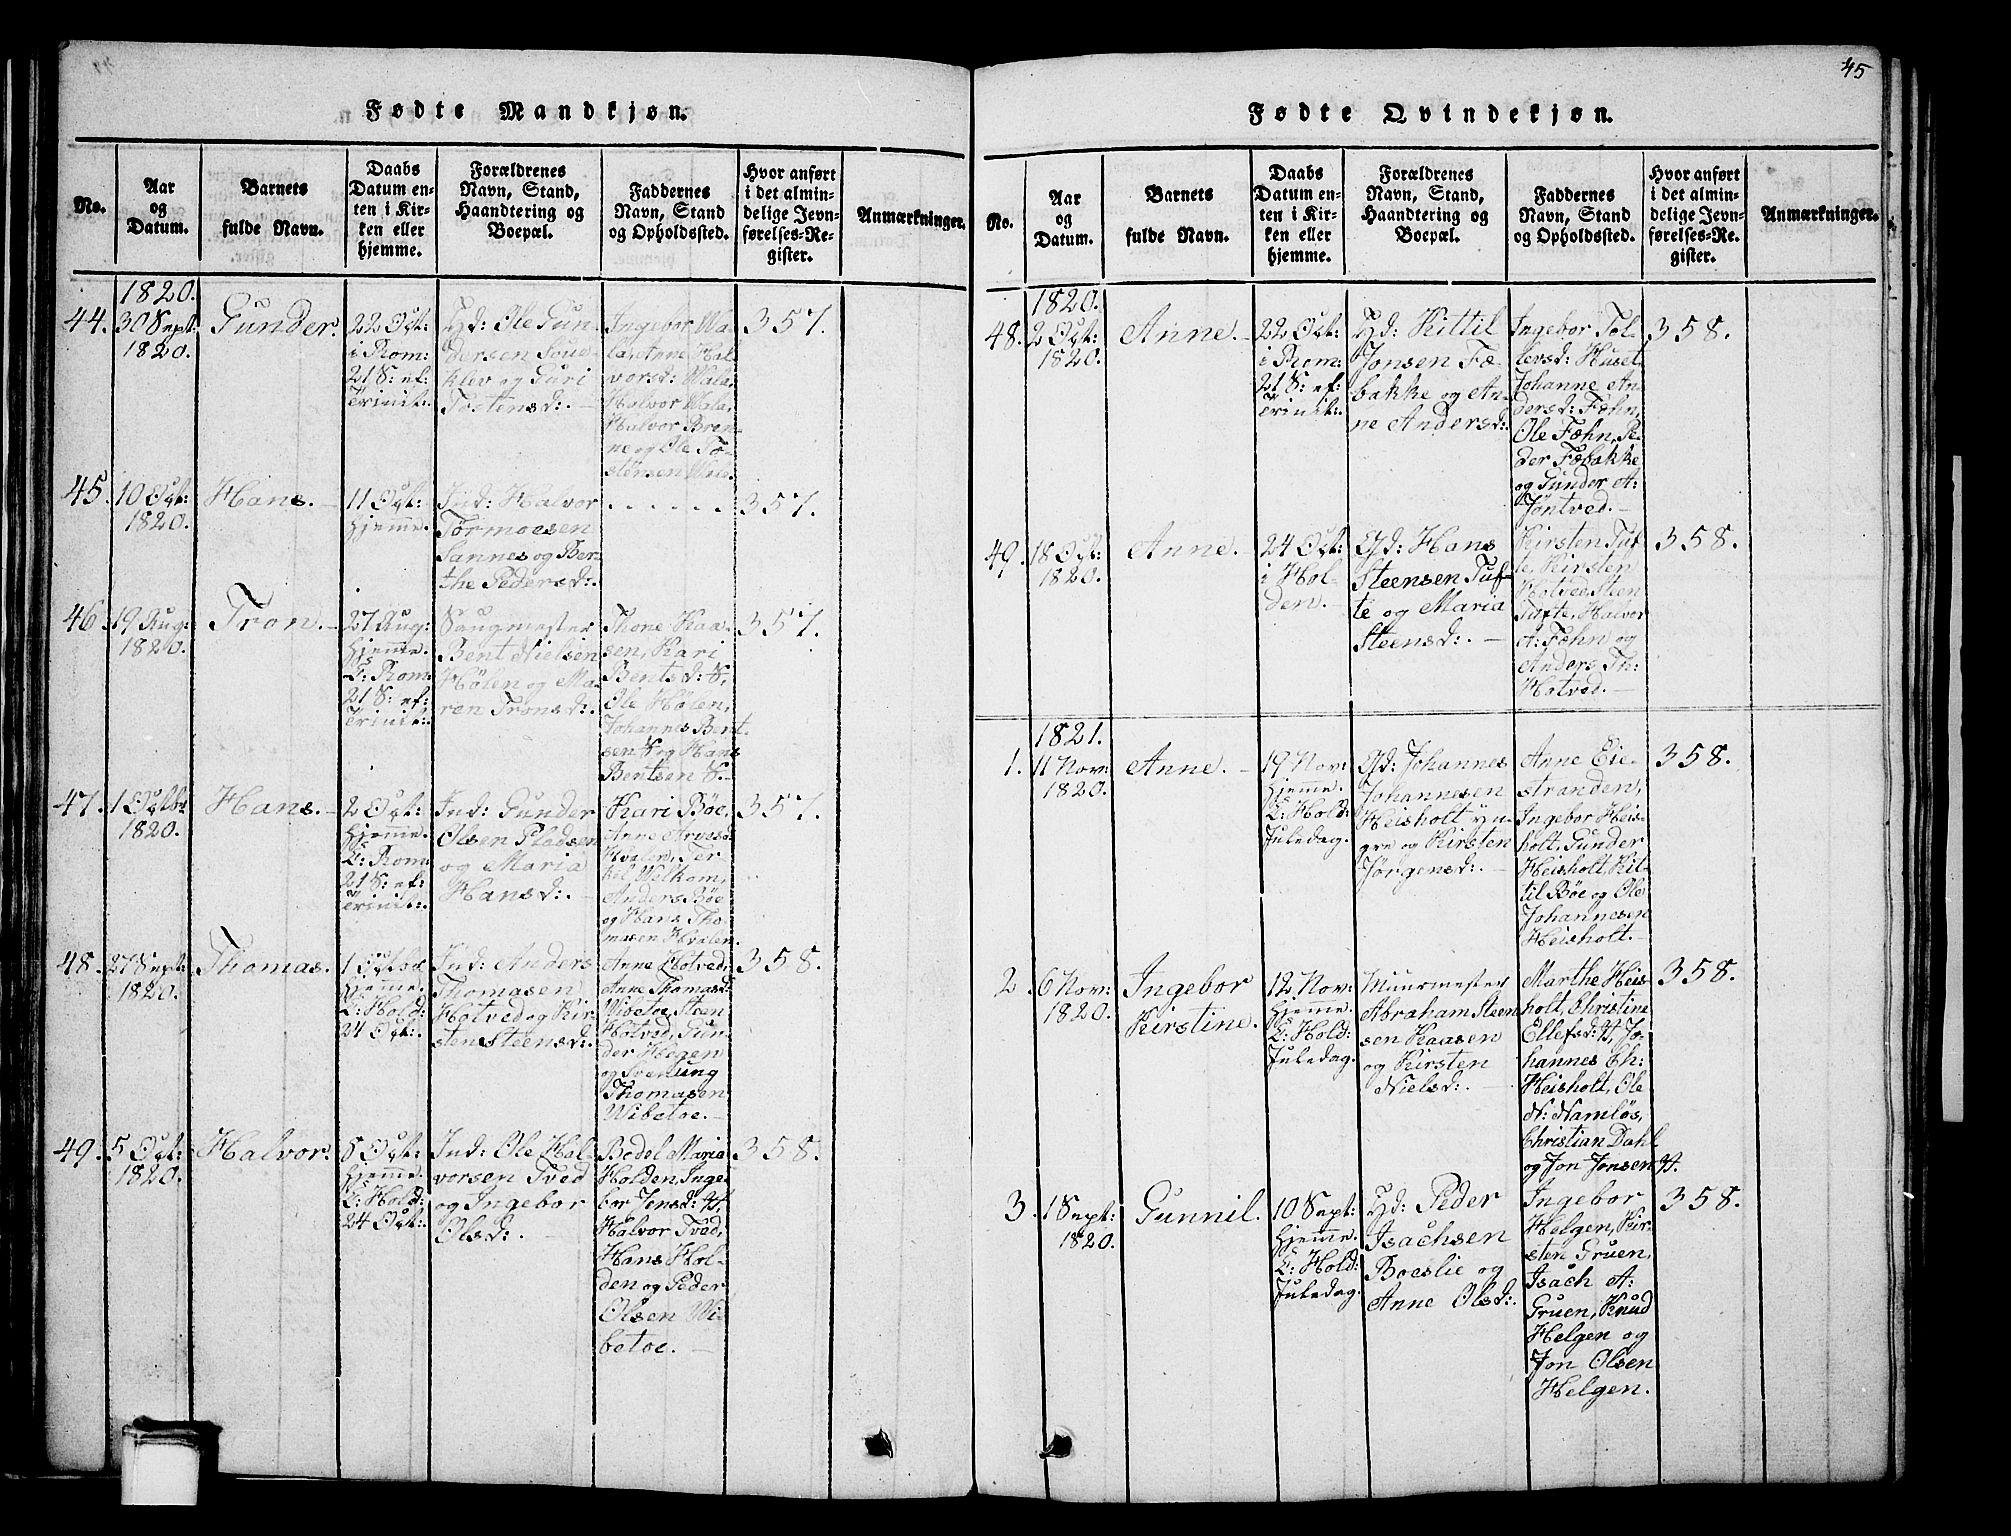 SAKO, Holla kirkebøker, G/Ga/L0001: Klokkerbok nr. I 1, 1814-1830, s. 45